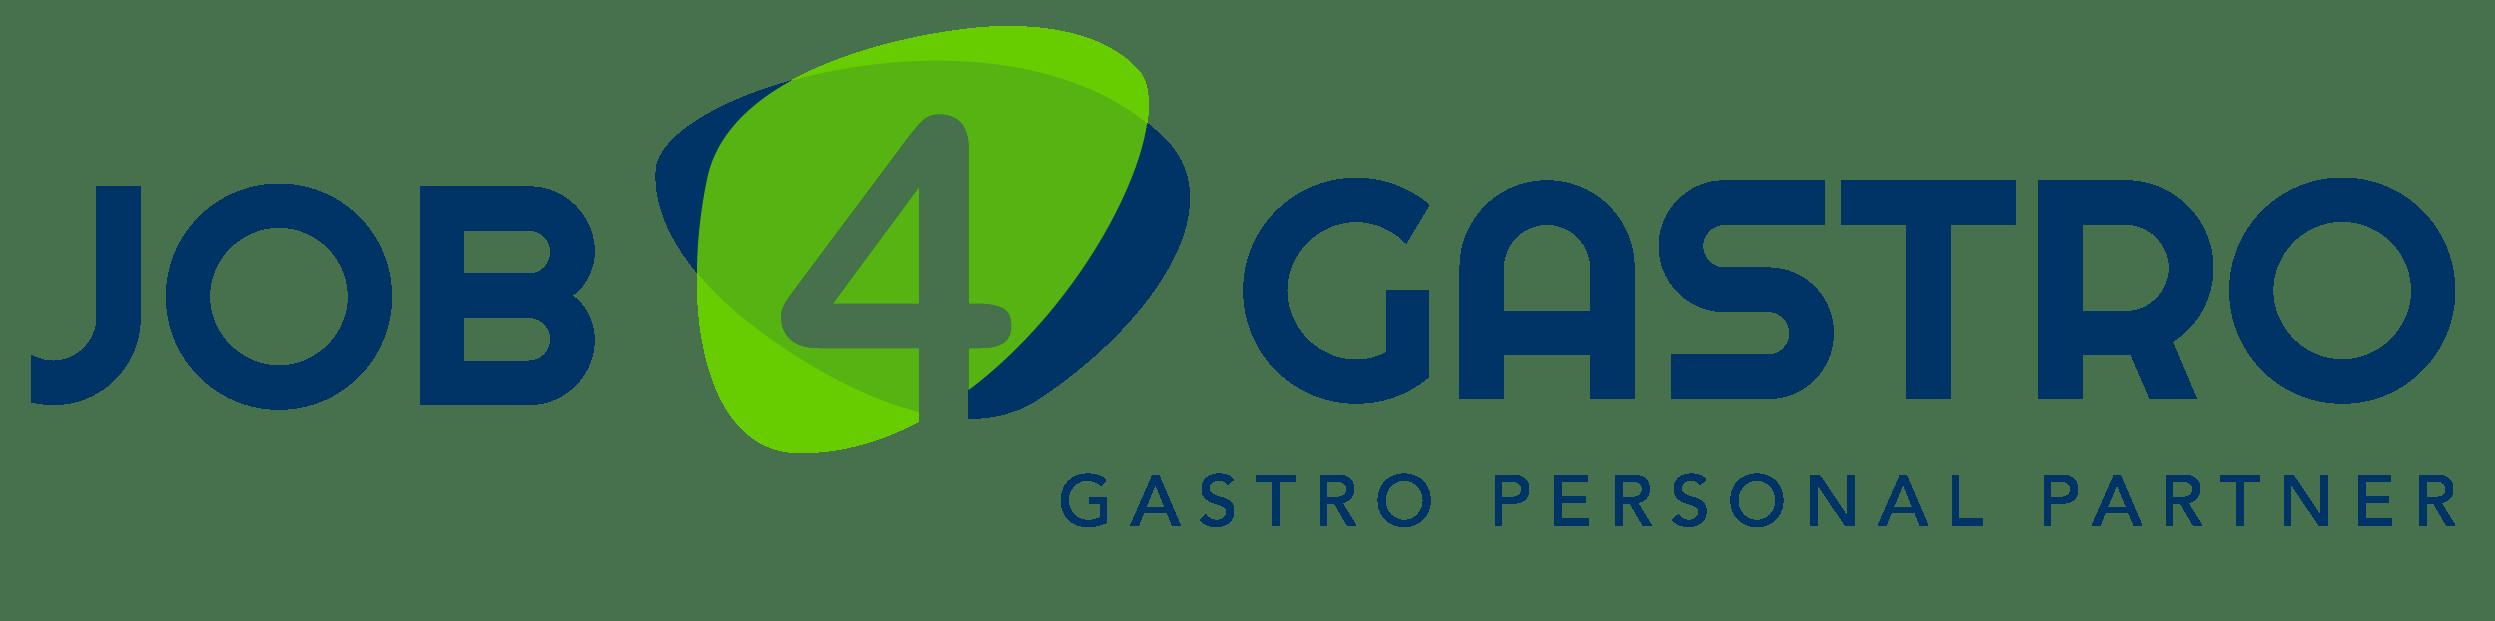 Job4Gastro.sk